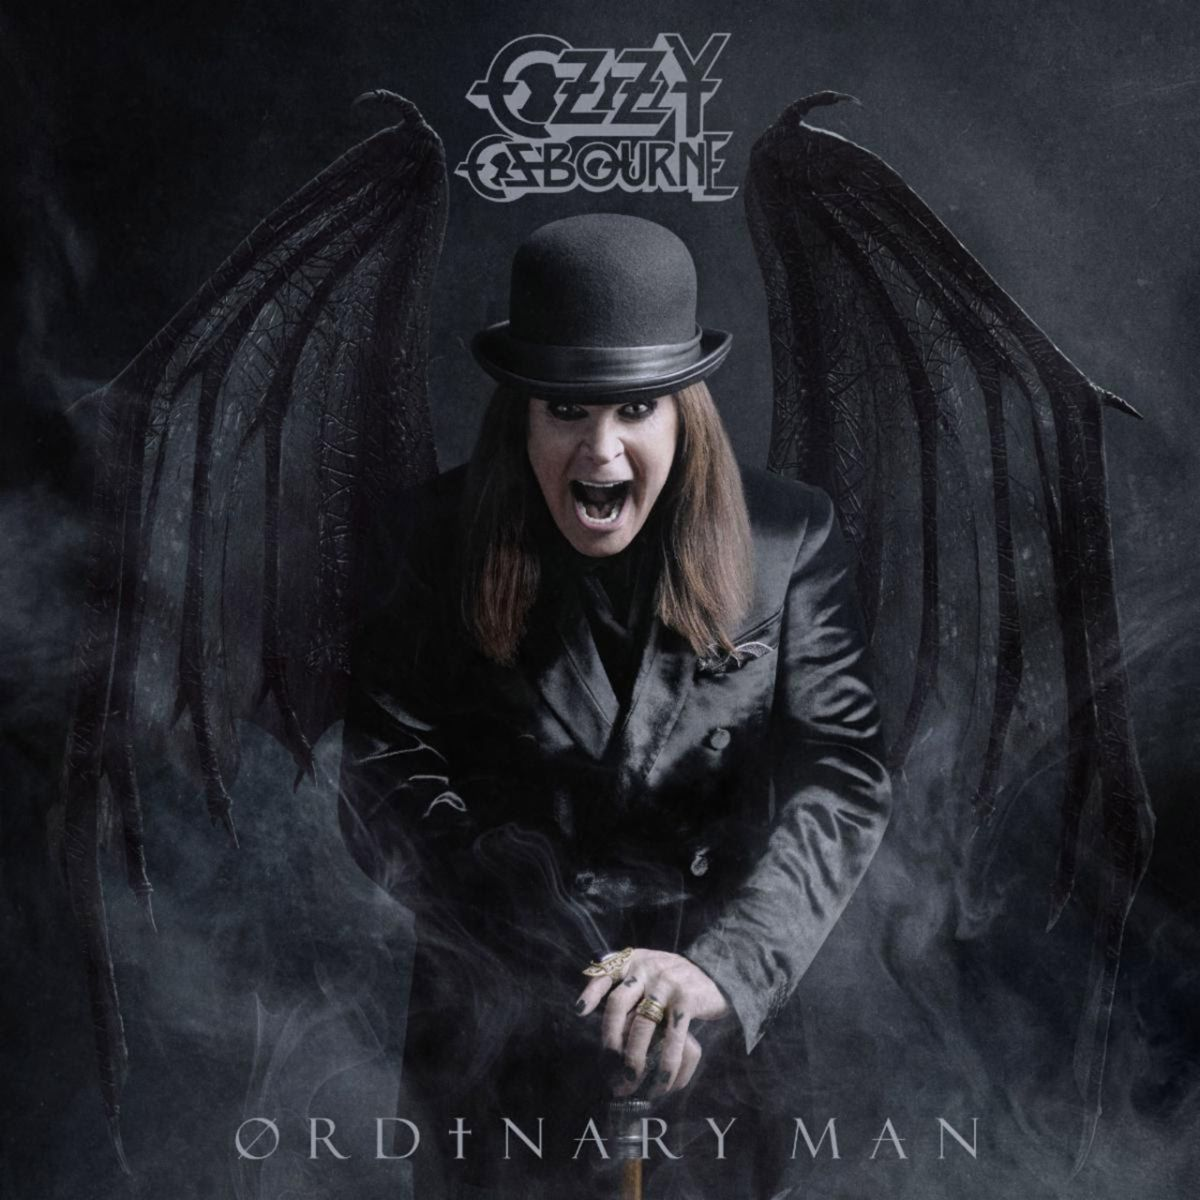 Ozzy Osbourne vydáva po skoro desiatich rokoch nový album Ordinary Man